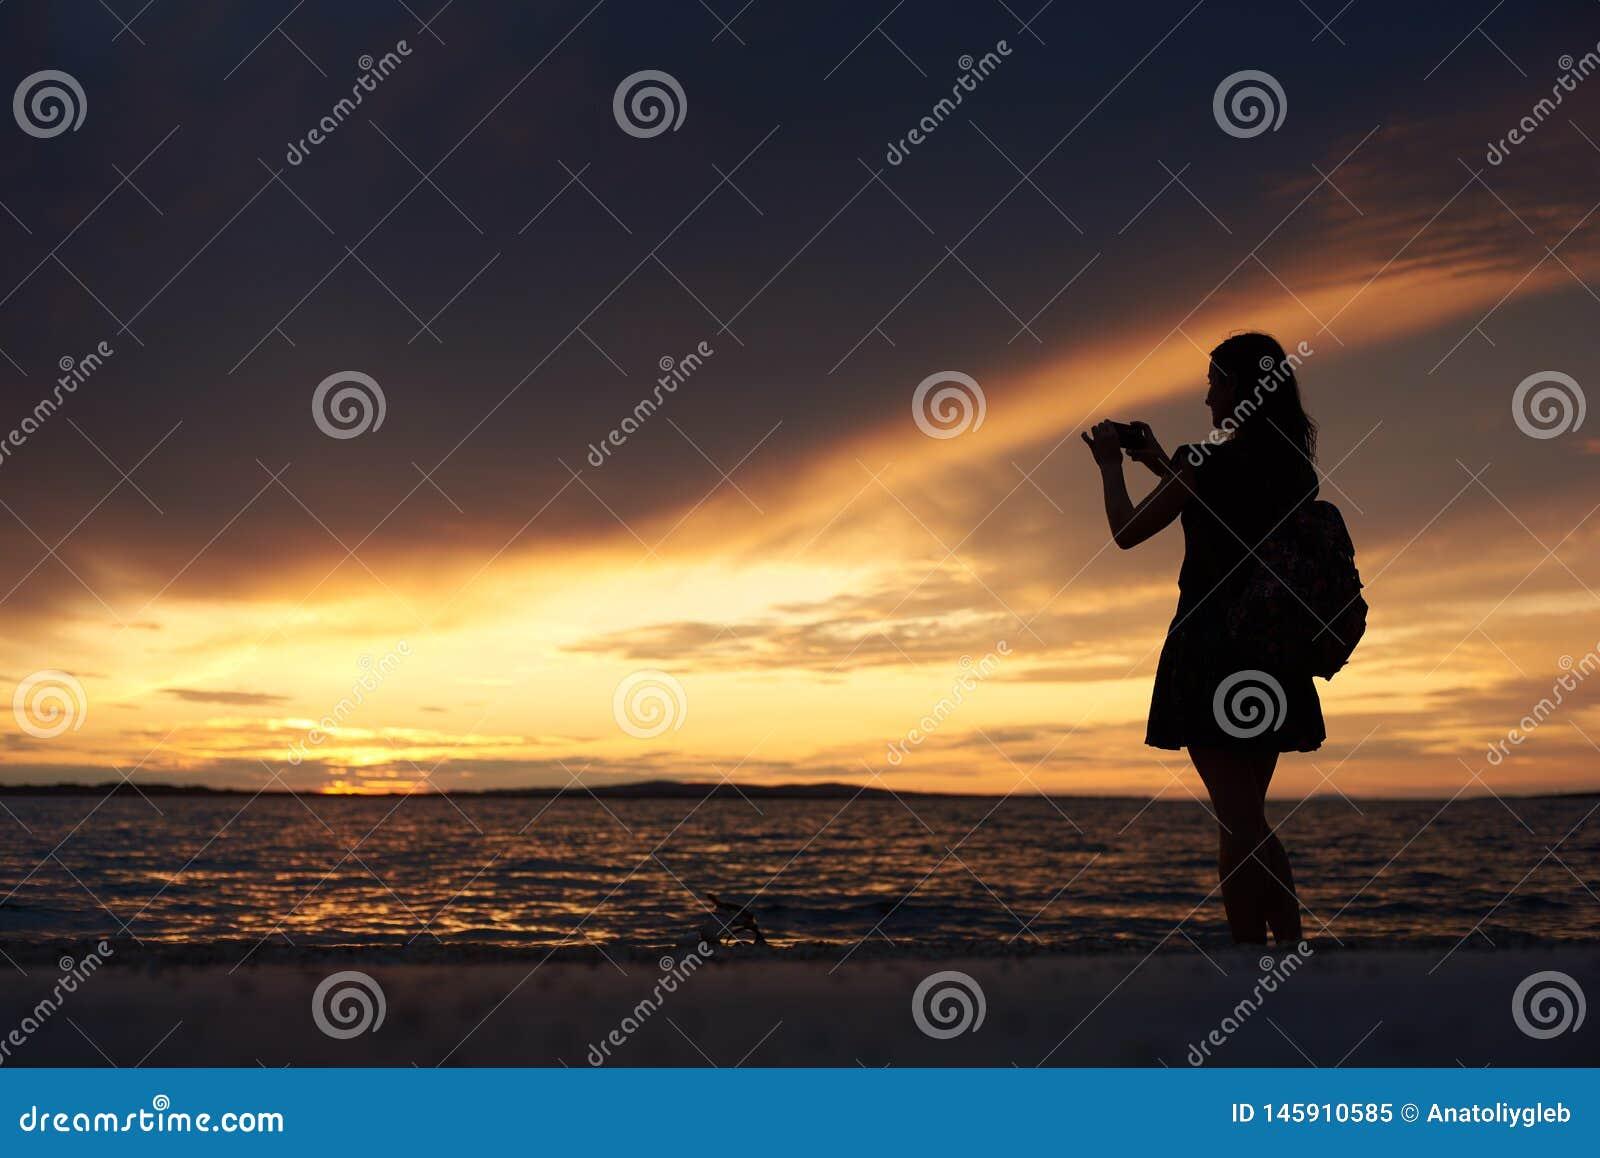 Silueta de la mujer solamente en el borde del agua, disfrutando de paisaje marino hermoso en la puesta del sol